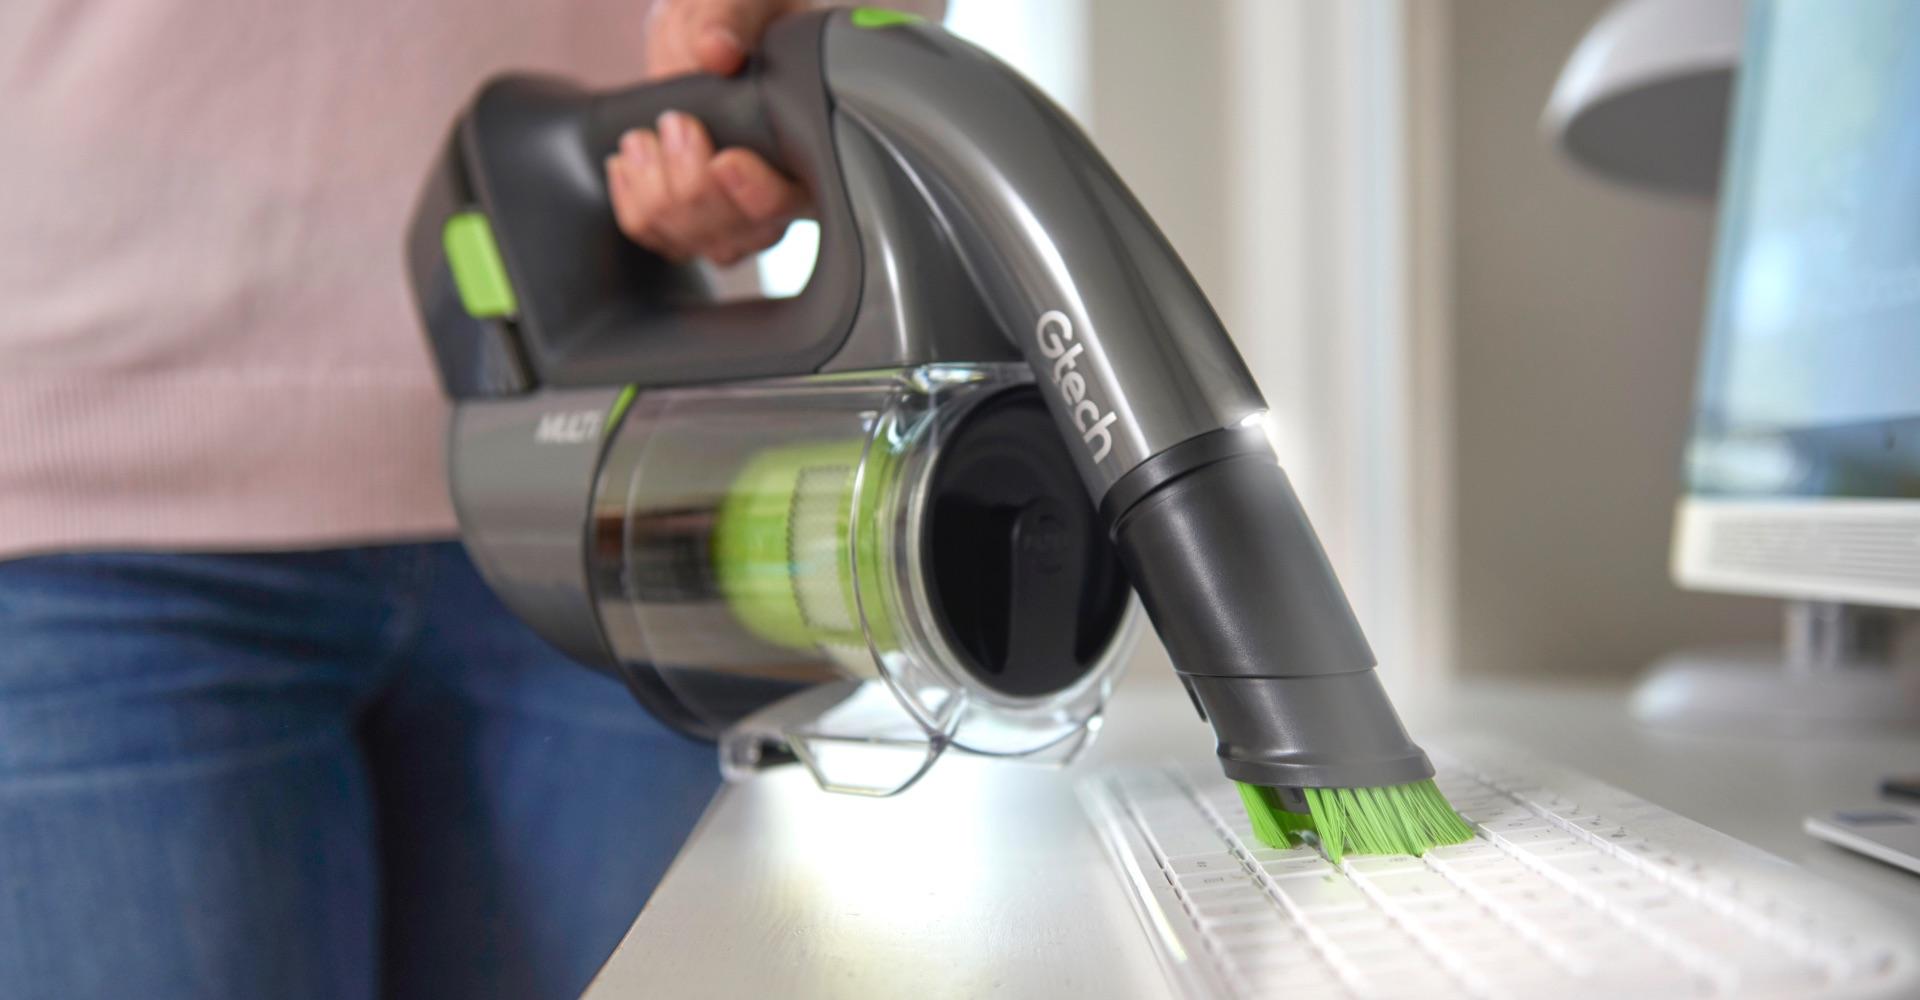 Multi handheld vacuum cleaner versatile attachments